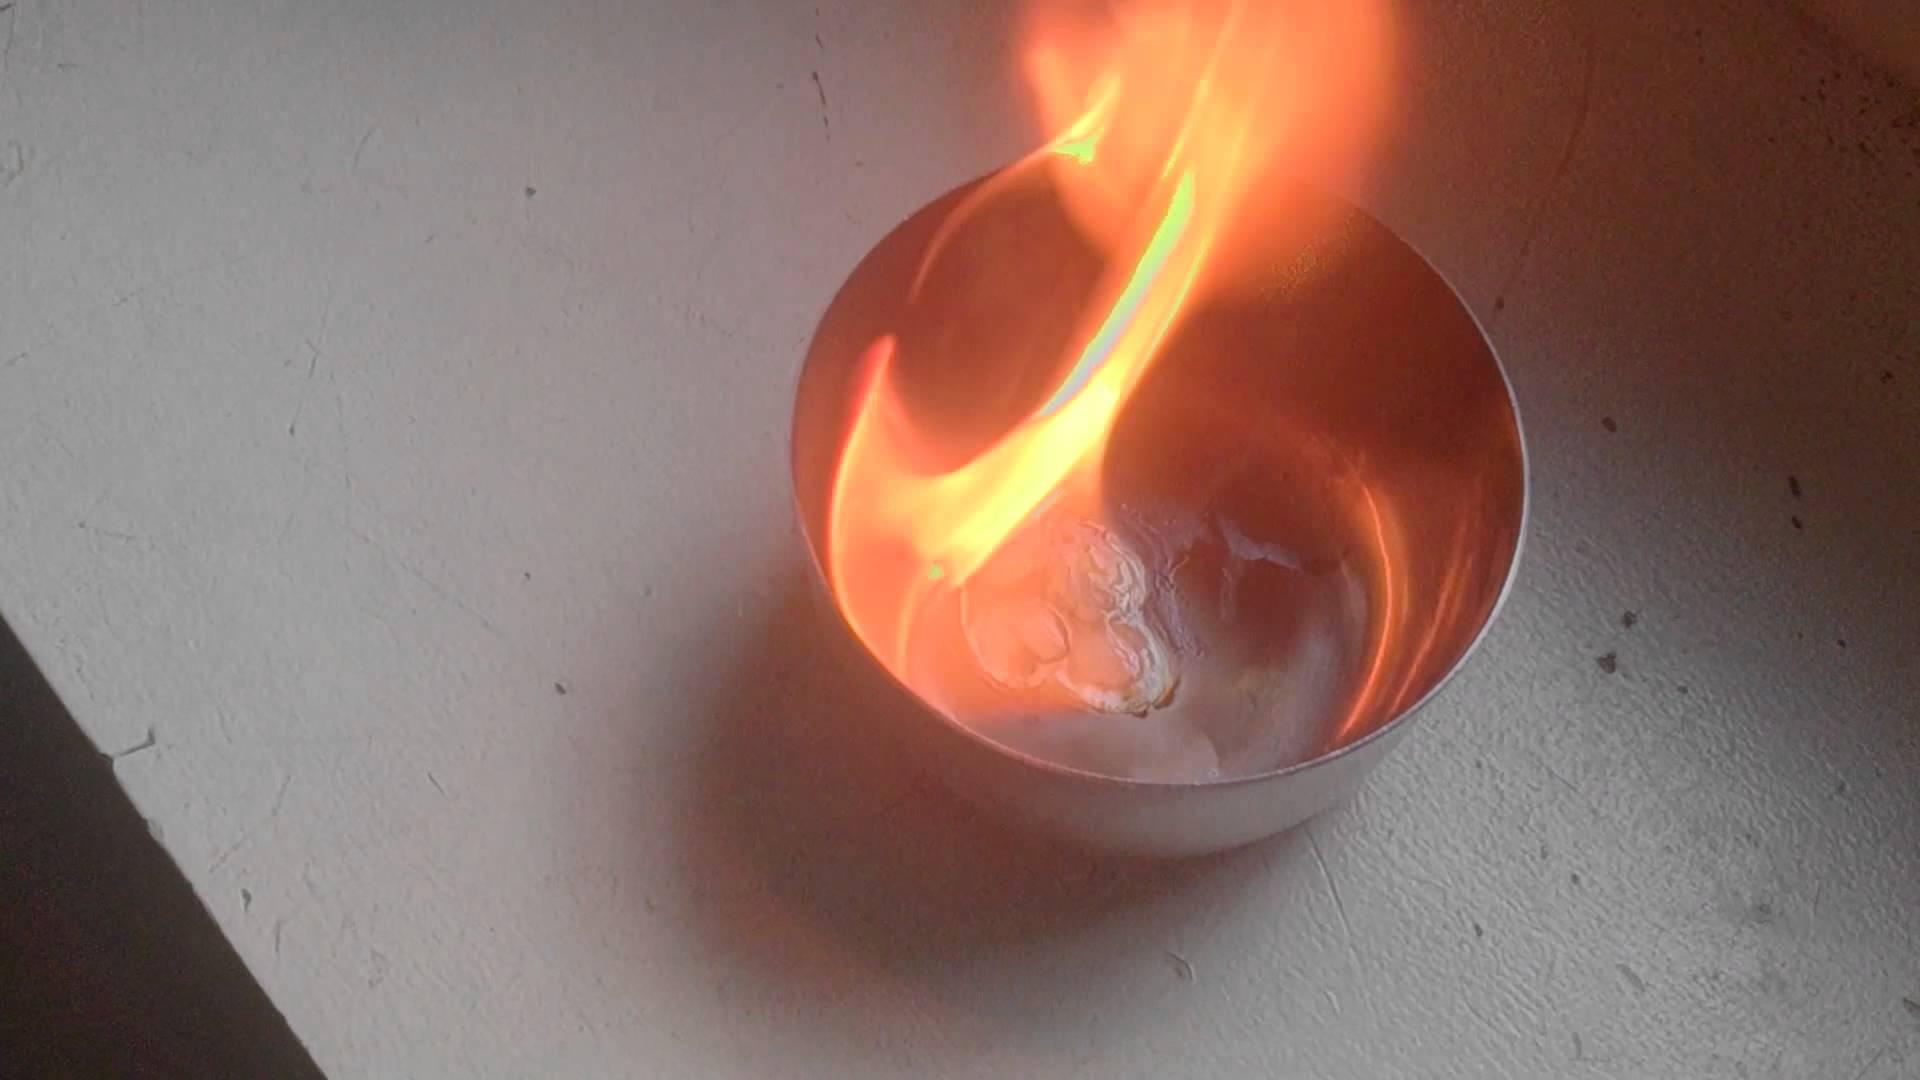 کافور چگونه بدون آنکه به مایع تبدیل شود، از حالت جامد به گاز در می آید؟